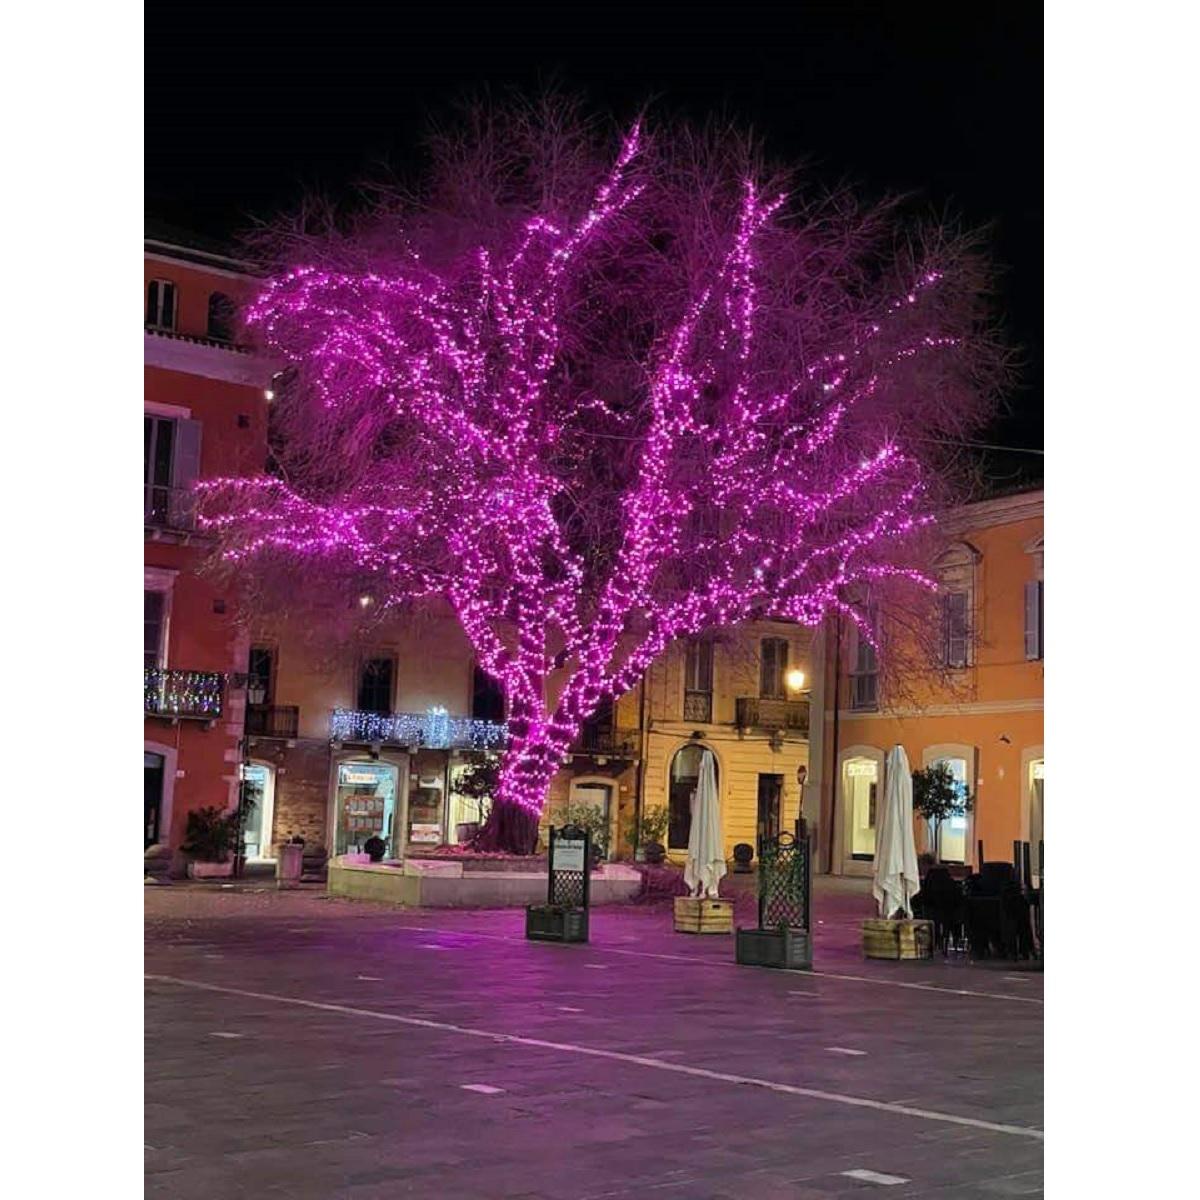 In Piazza Martiri a Teramo si accende la luce di Natale foto